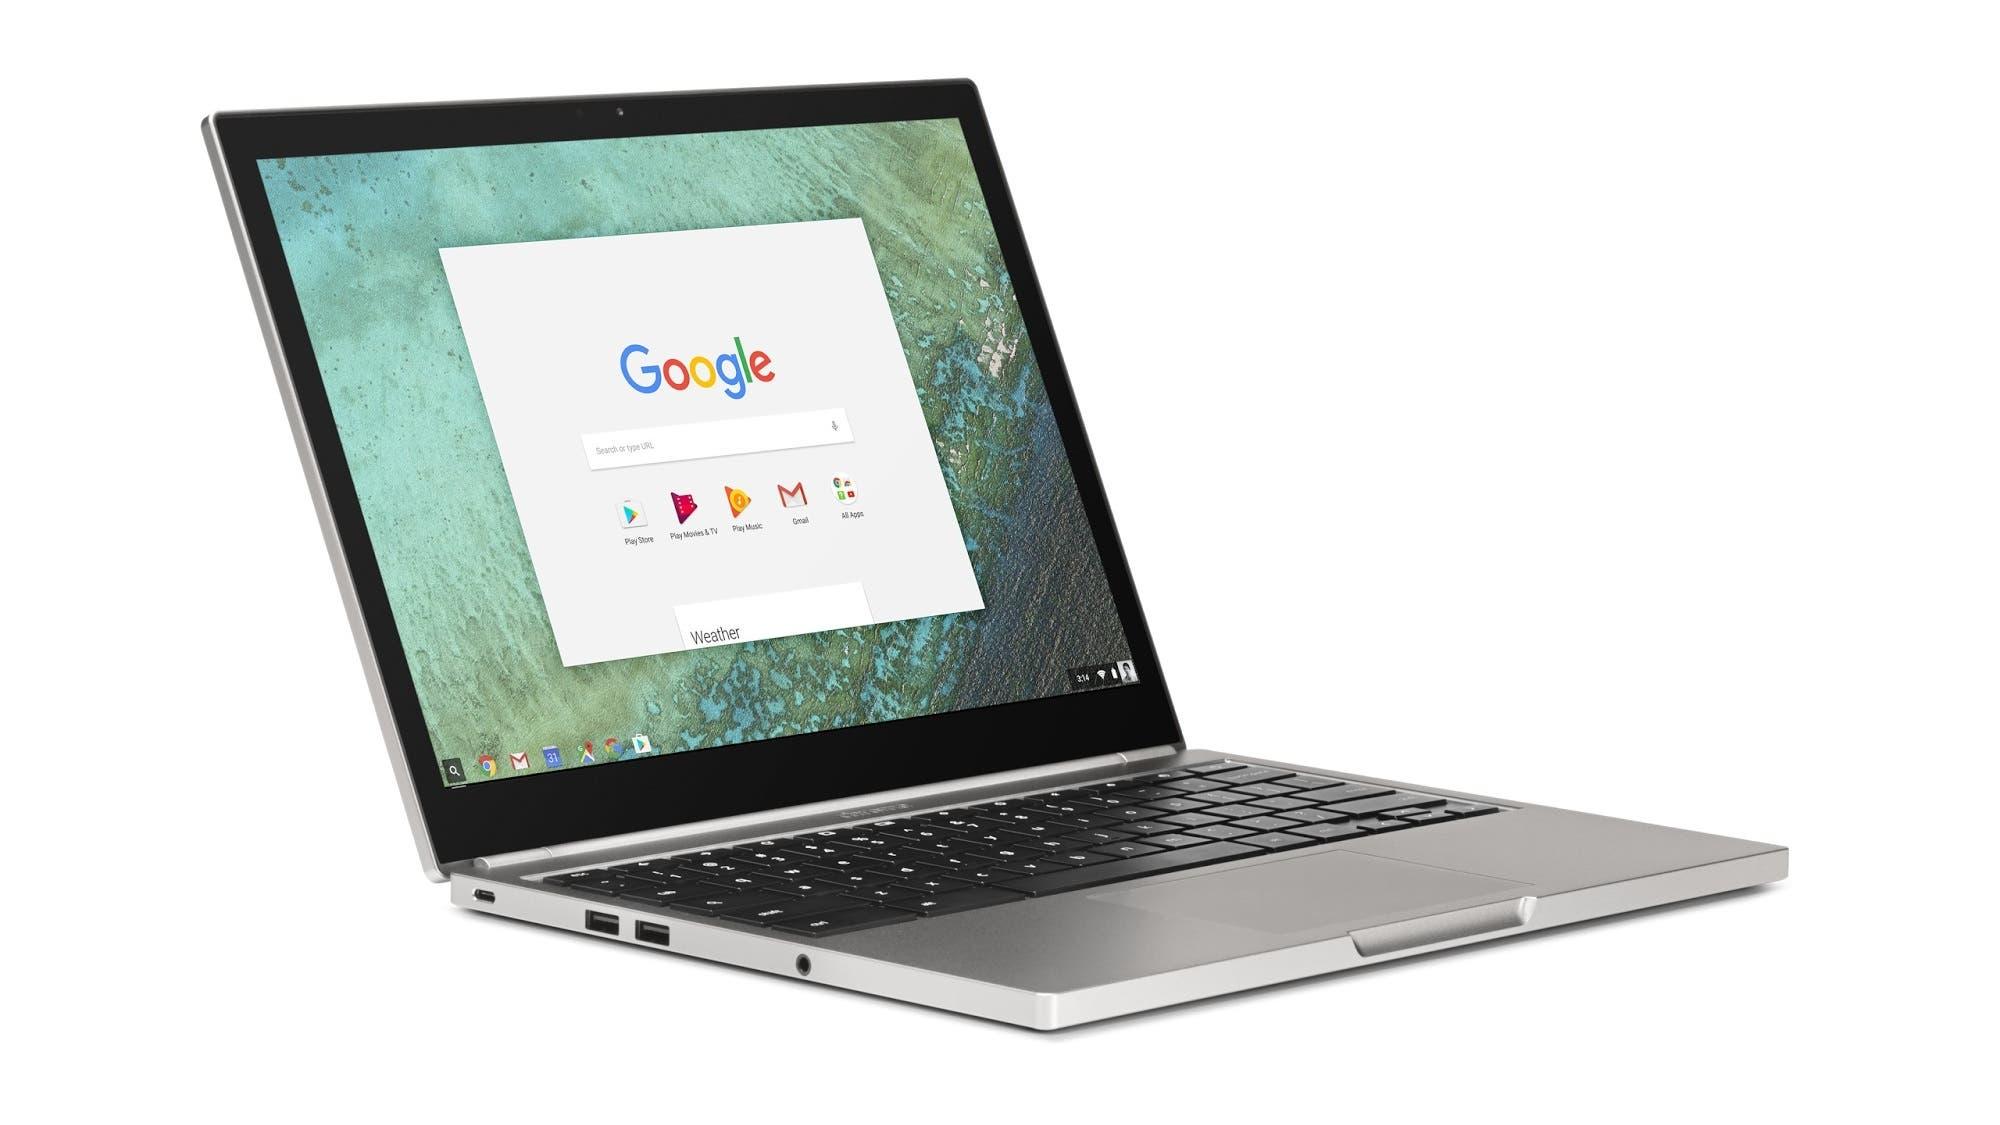 Las aplicaciones de Android llegarán a las Chromebooks en octubre para competir con Windows